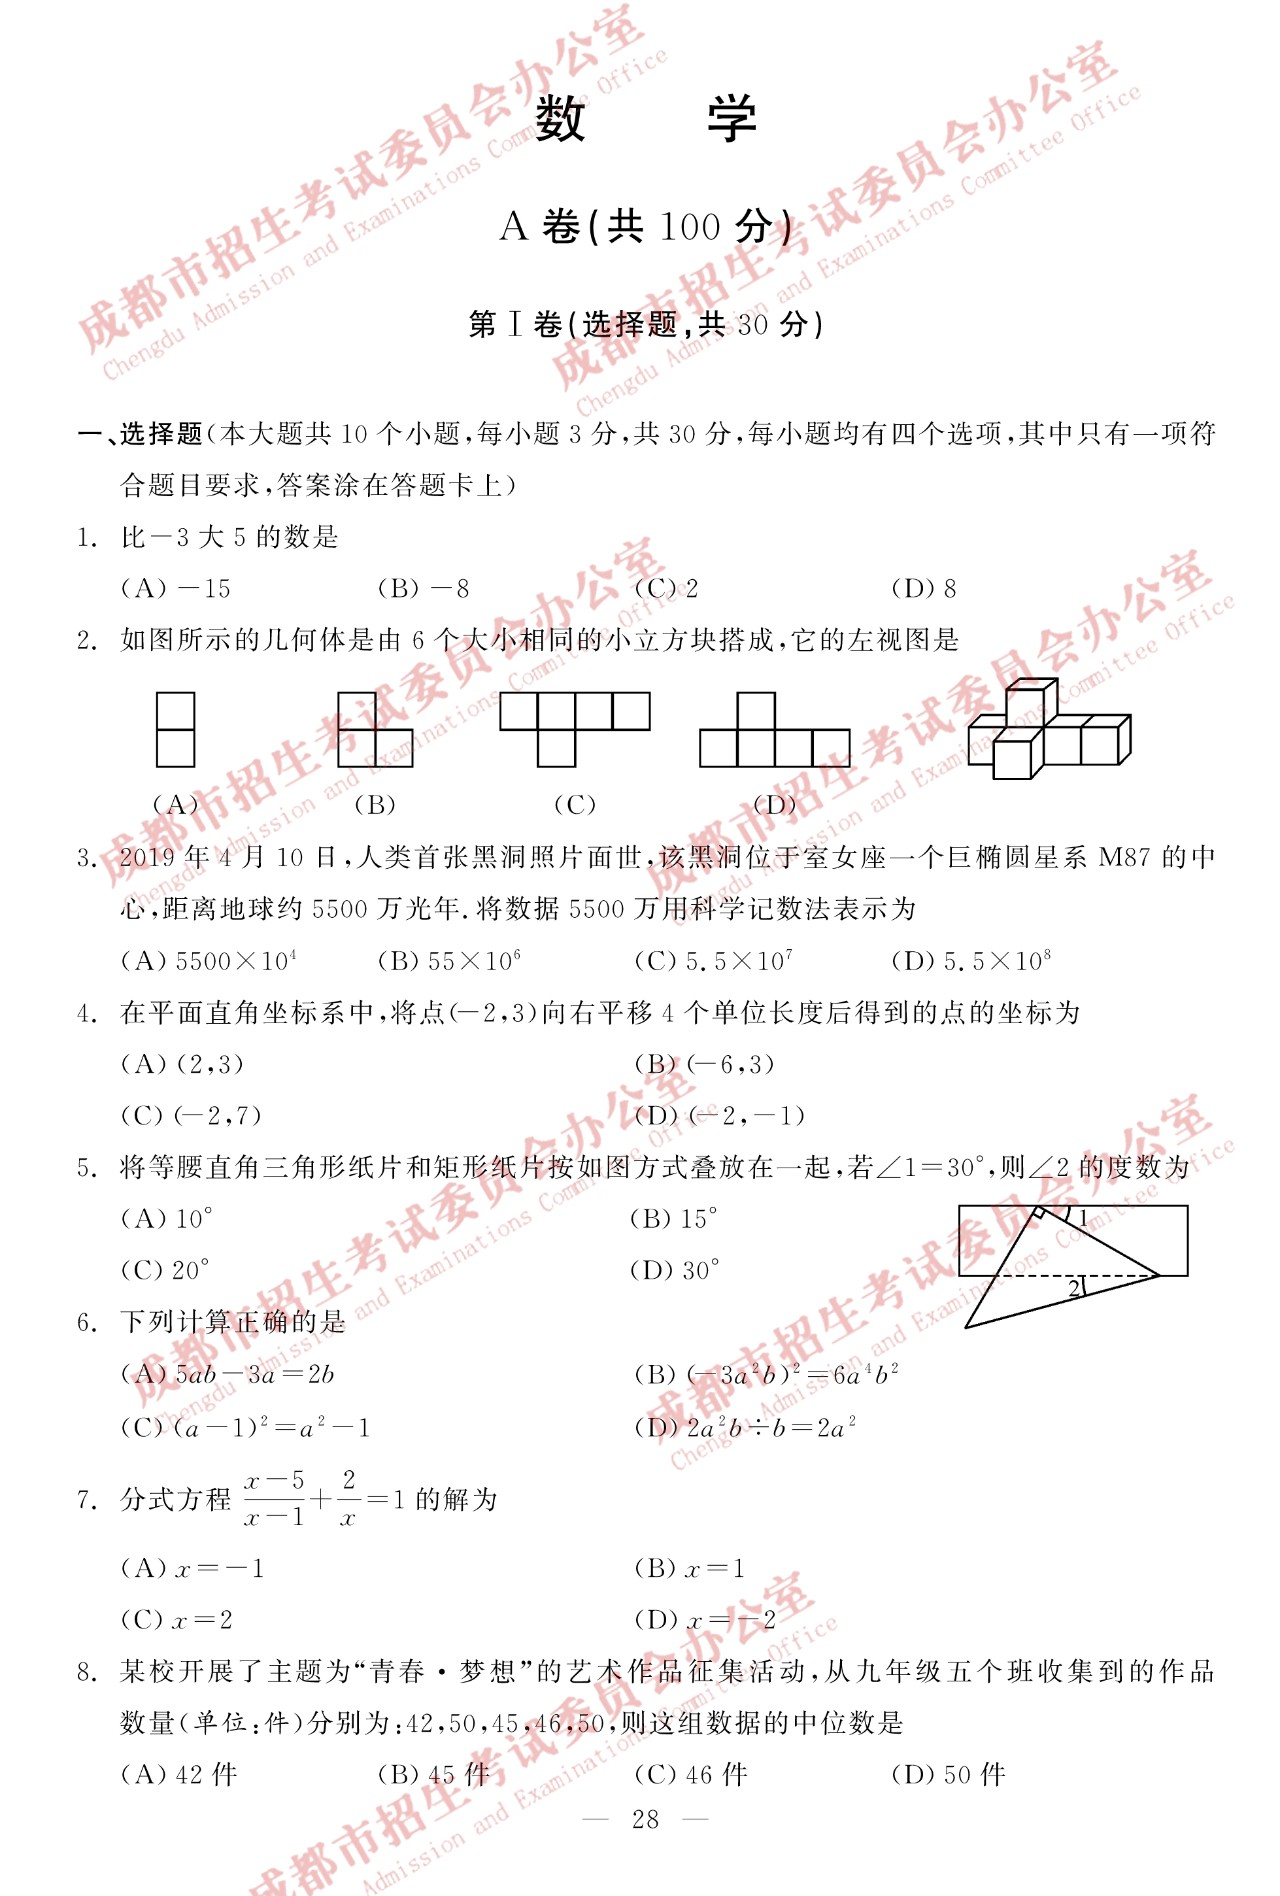 2019年成都中考《数学》真题及答案已公布